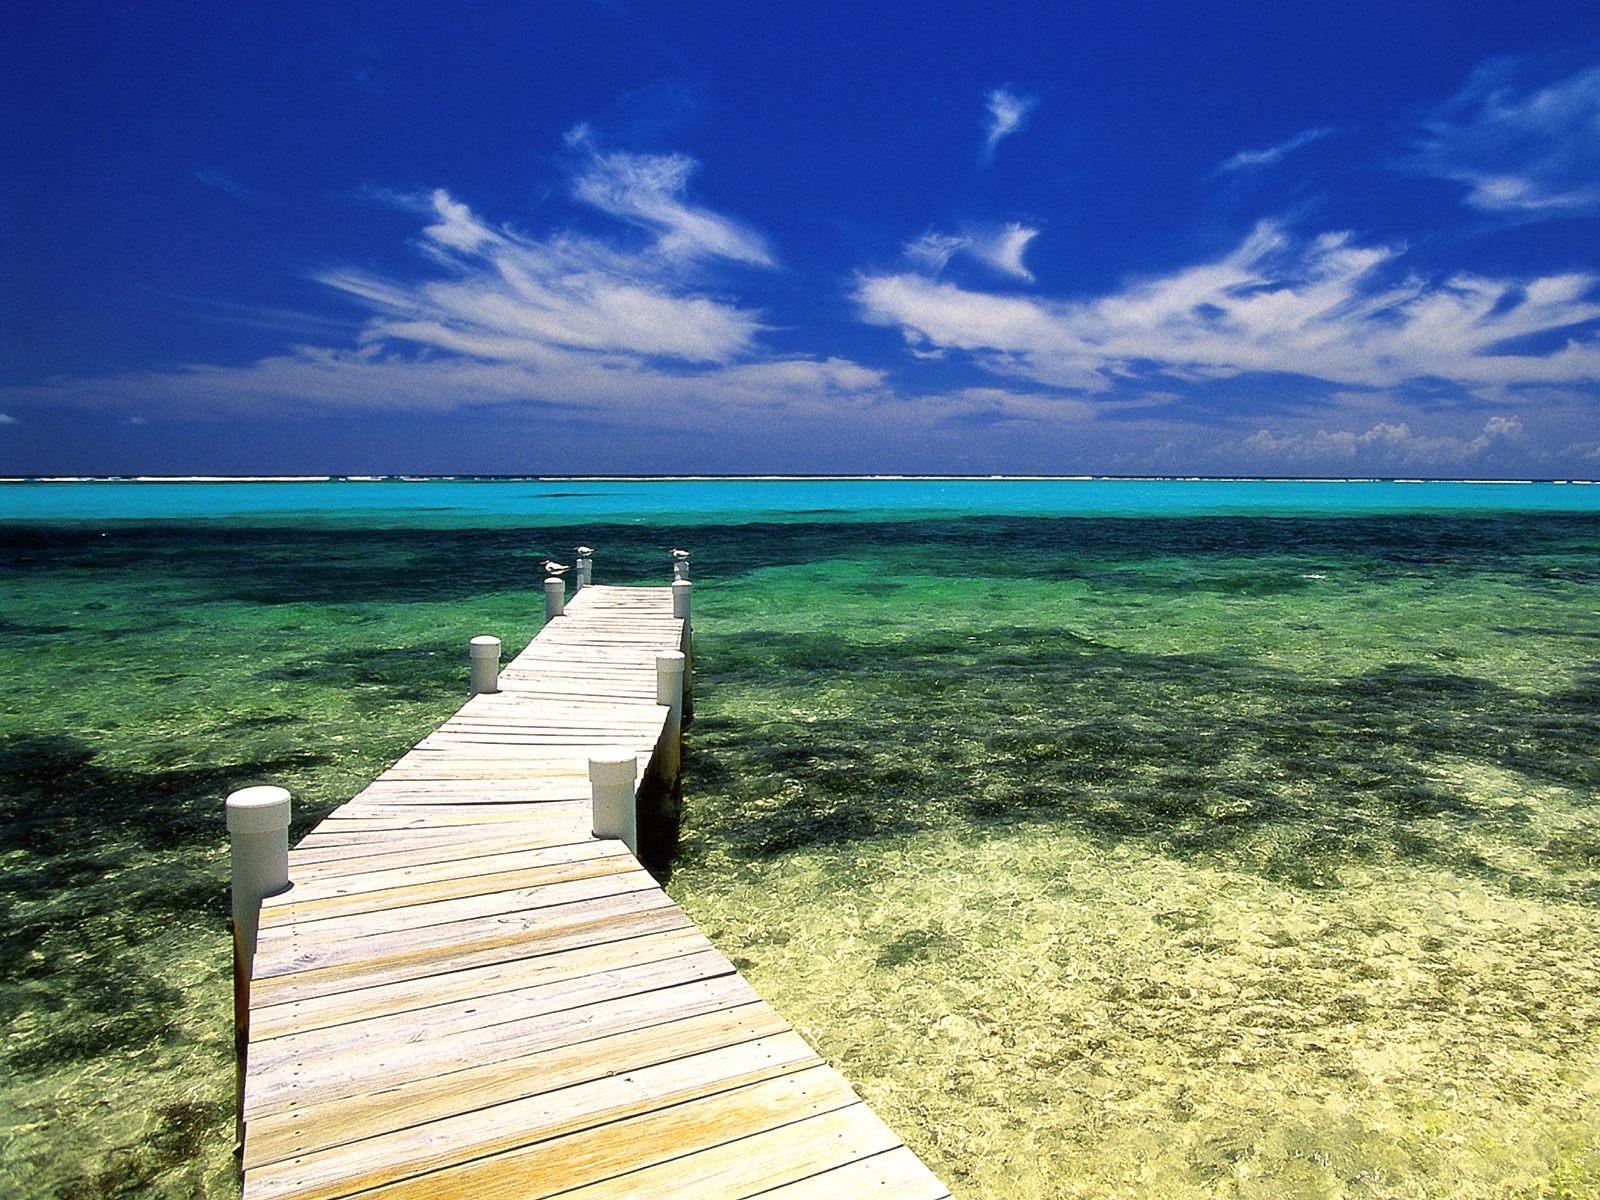 download desktop wallpaper beach scenes which is under the beach 1600x1200